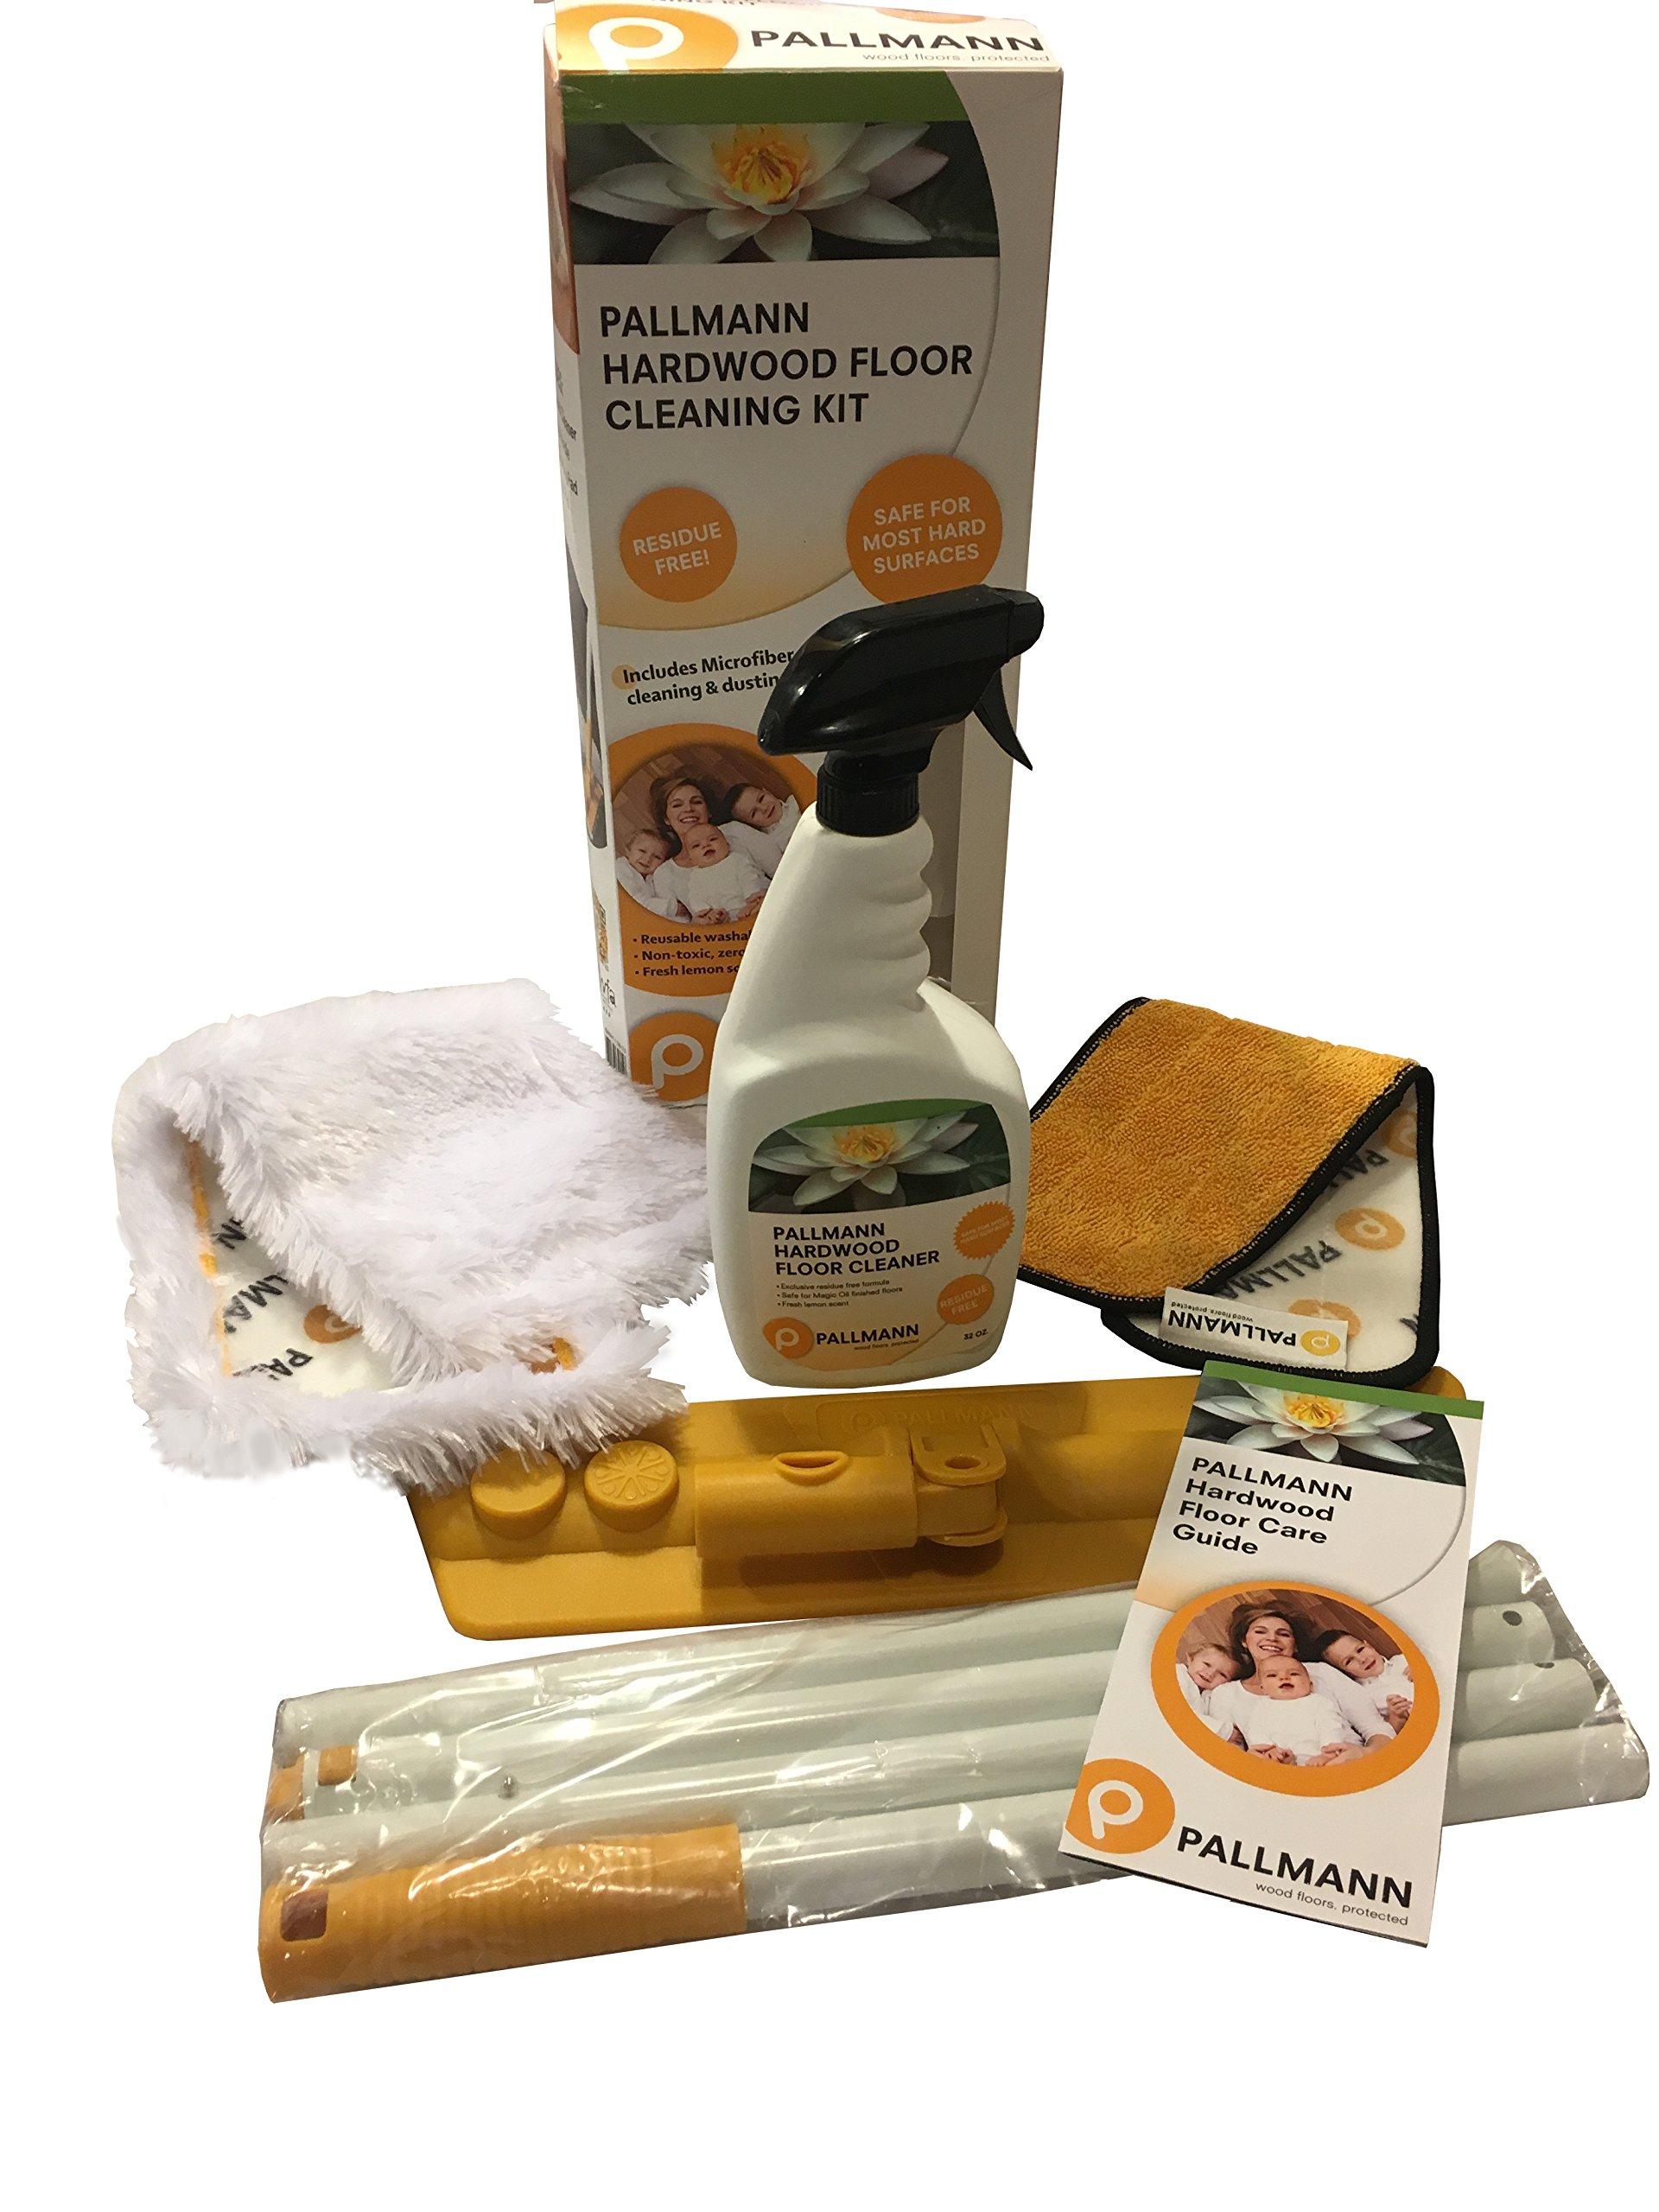 Pallmann Wood Floor Cleaning Kit